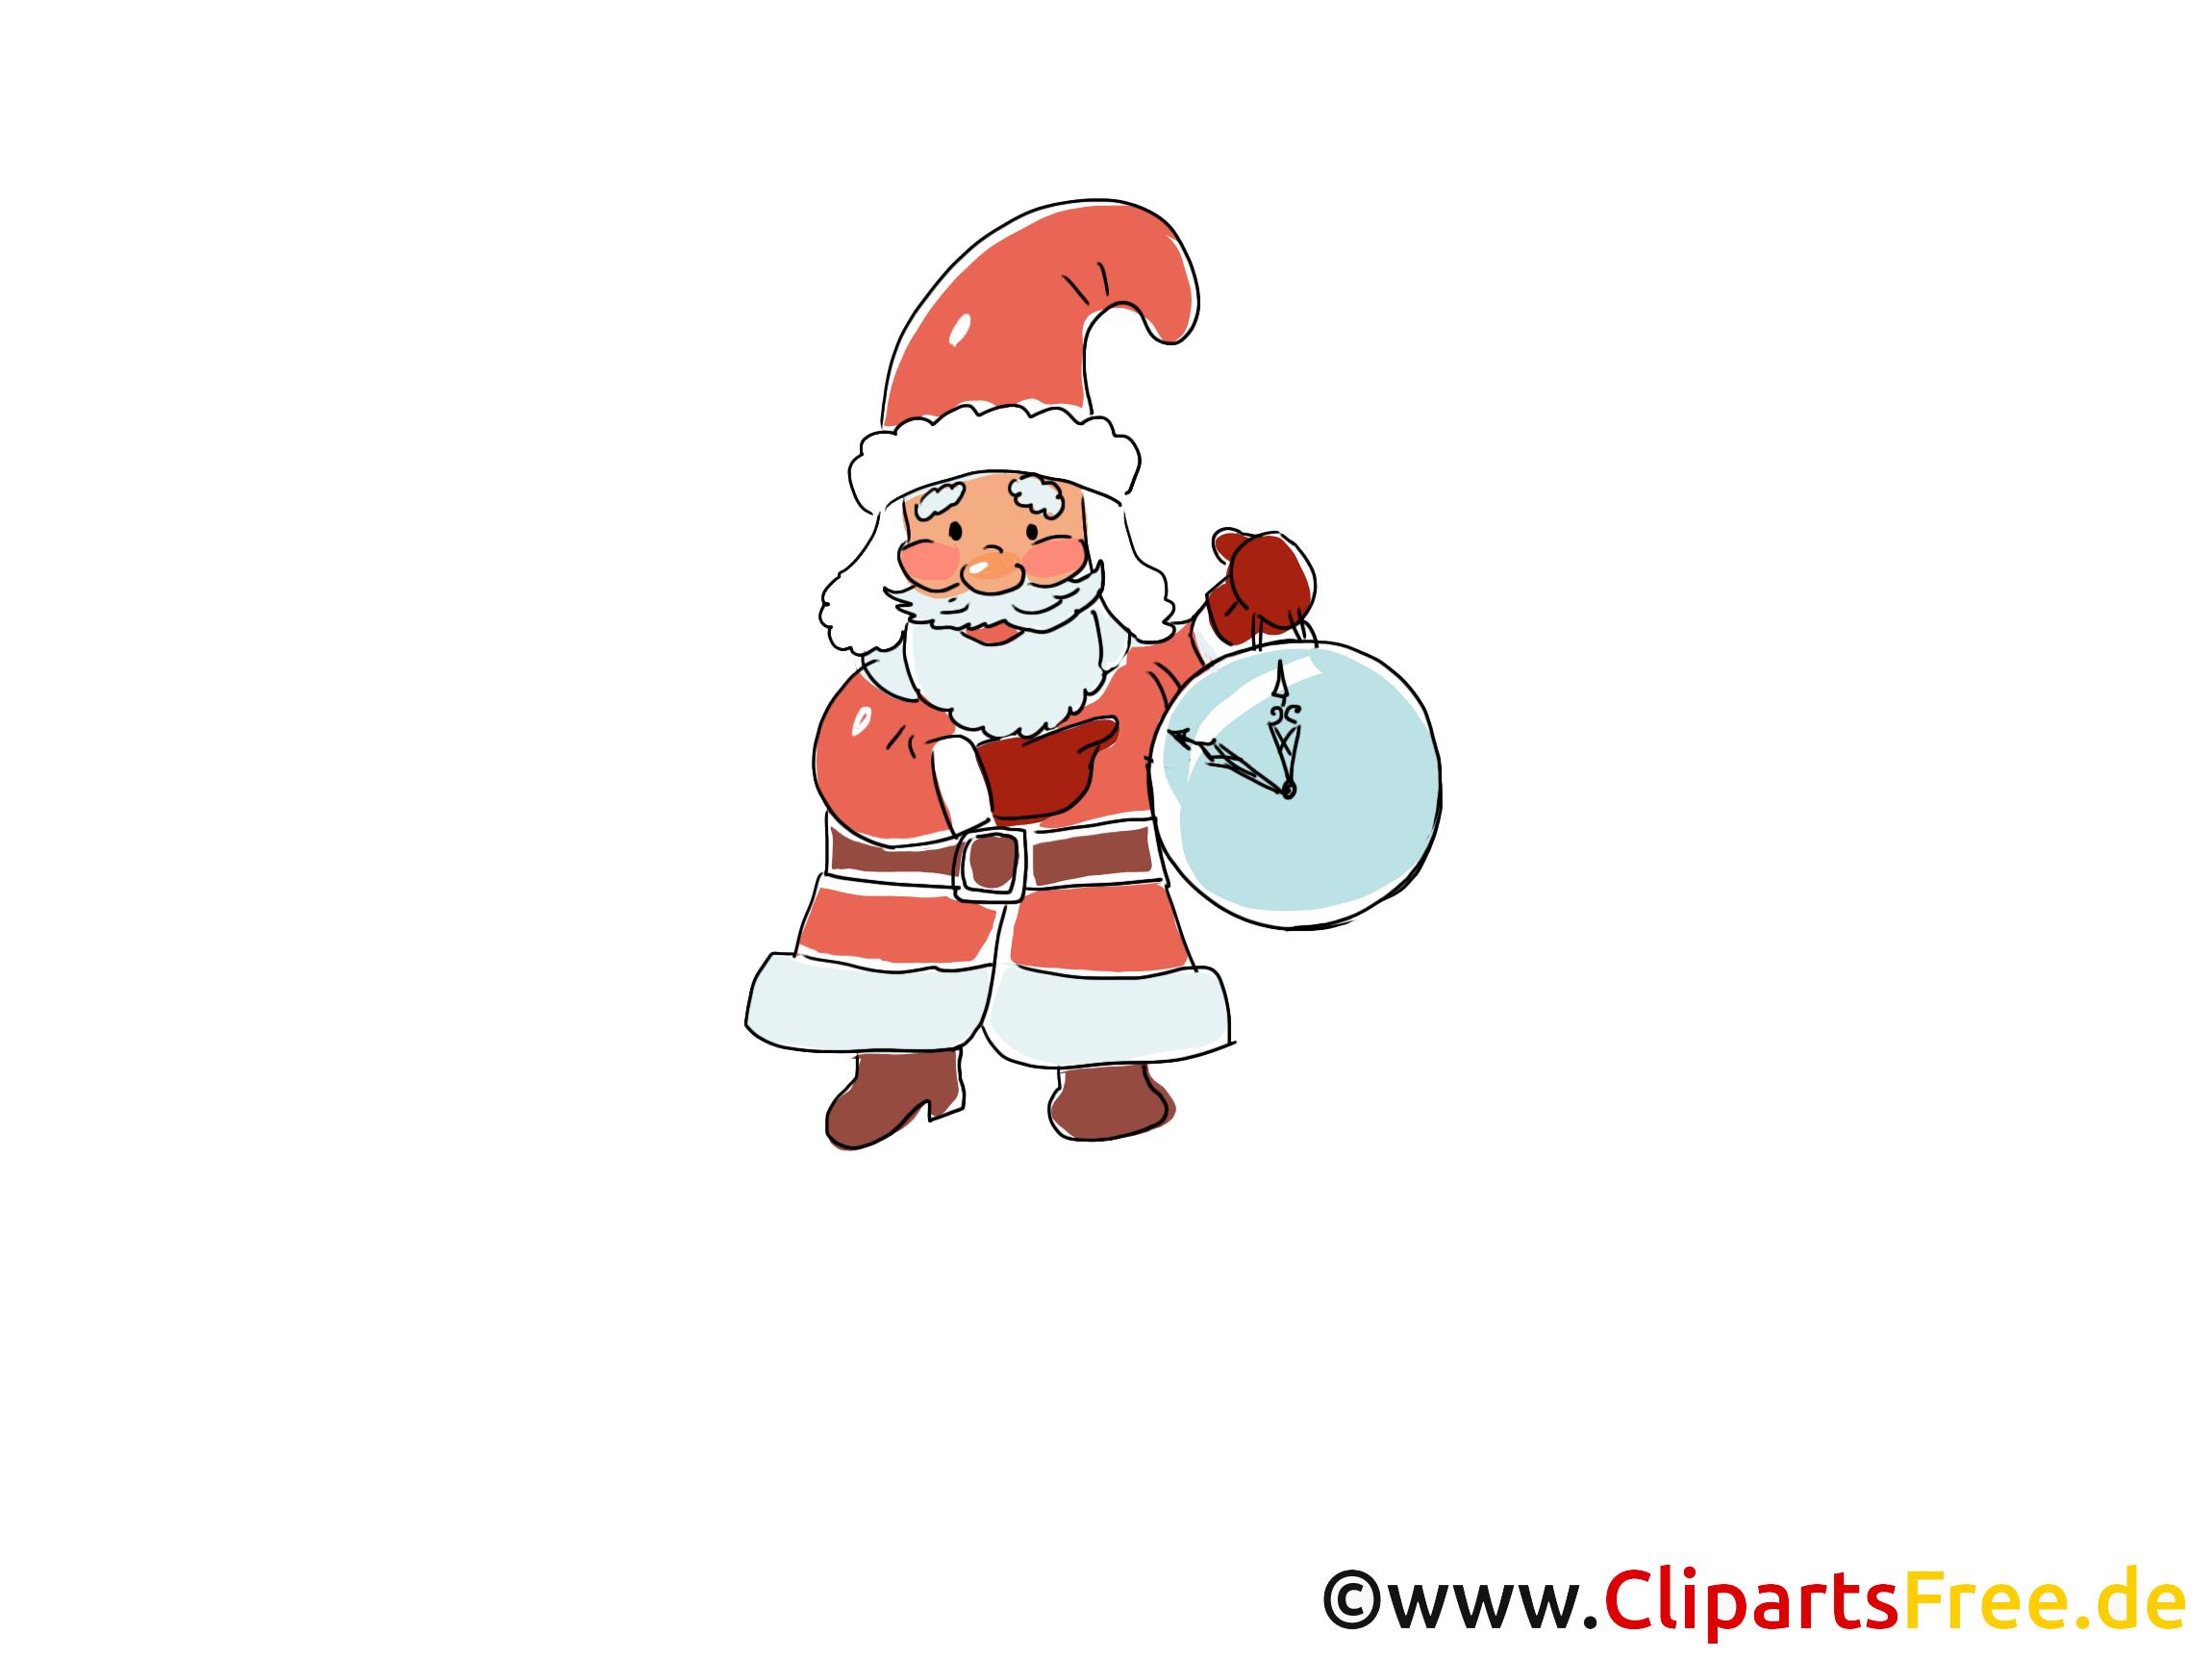 Bilder Santa Claus kostenlos